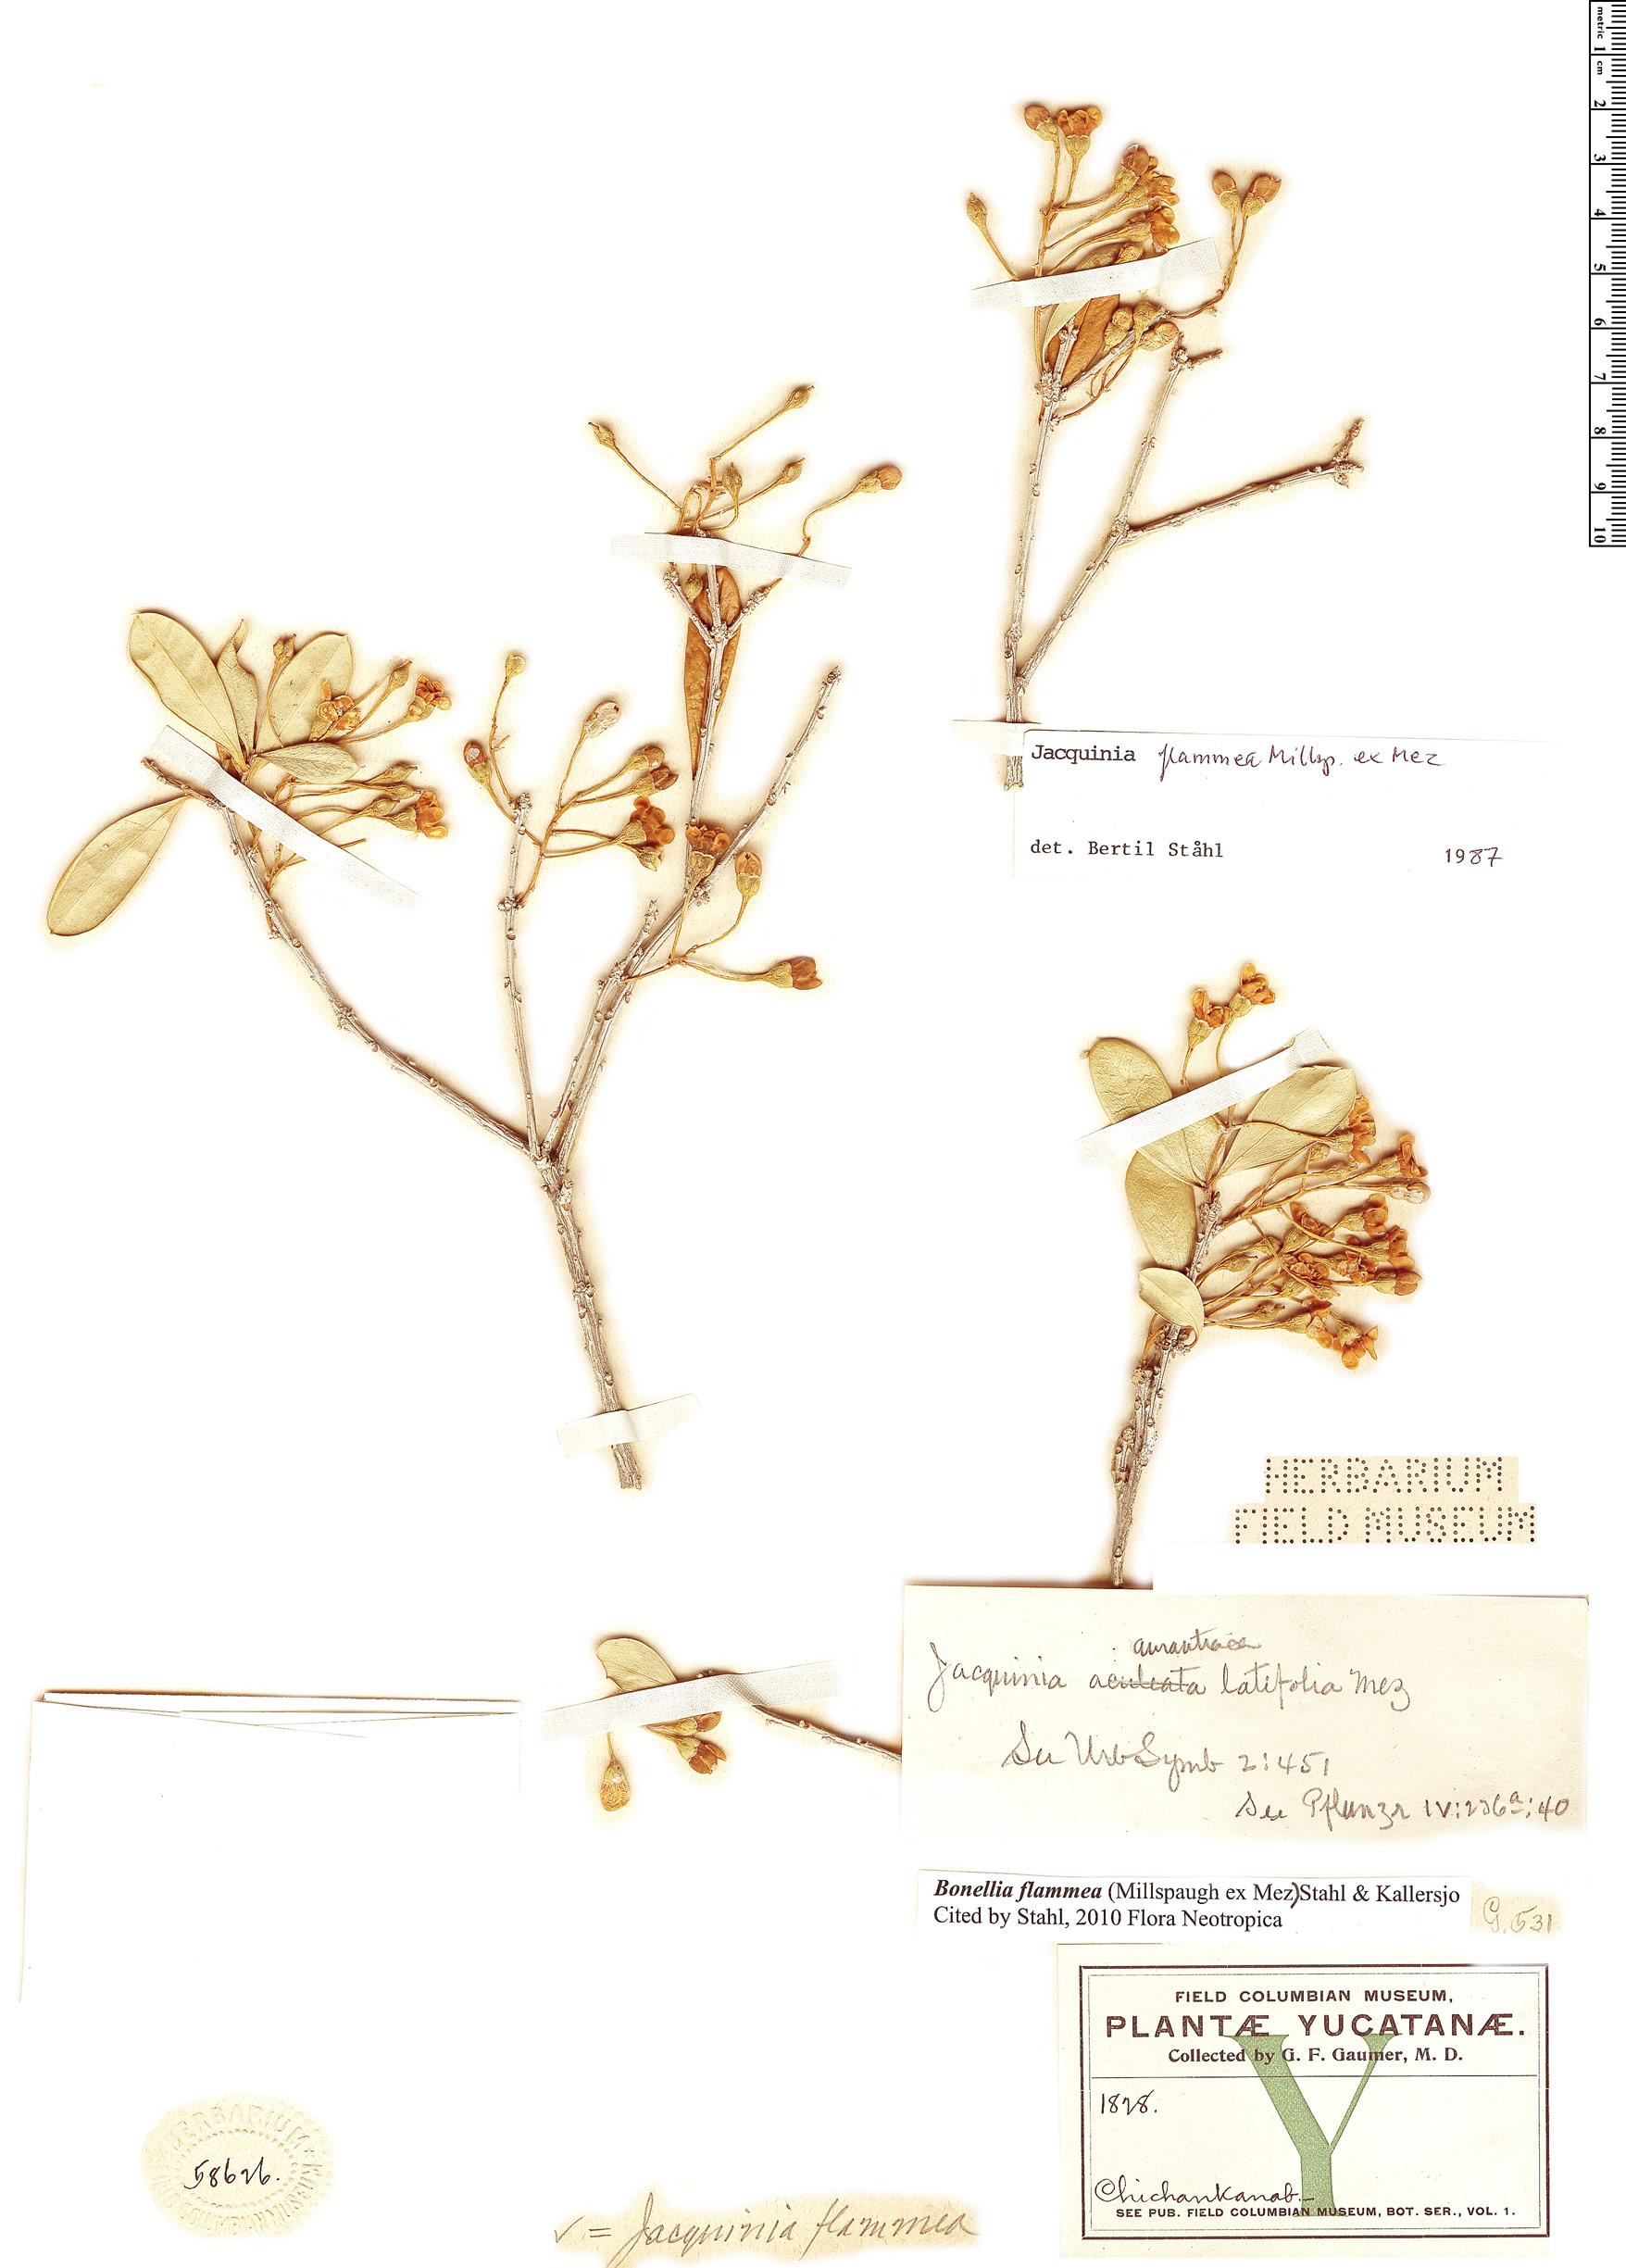 Specimen: Bonellia flammea